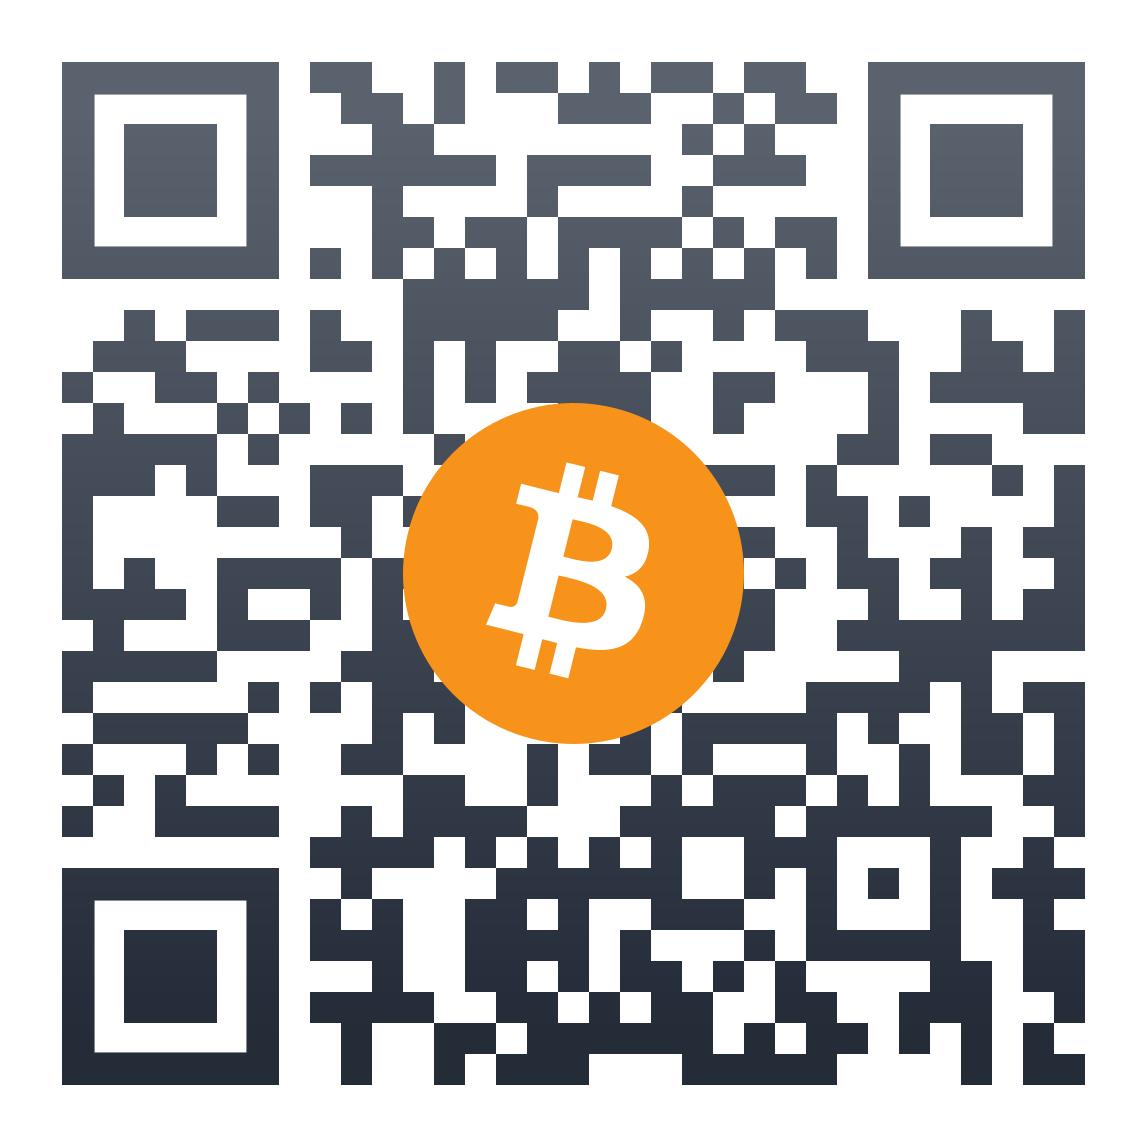 bitcoin:18thc5etJyssRzpRR9tiLtCae5n37EpKJX